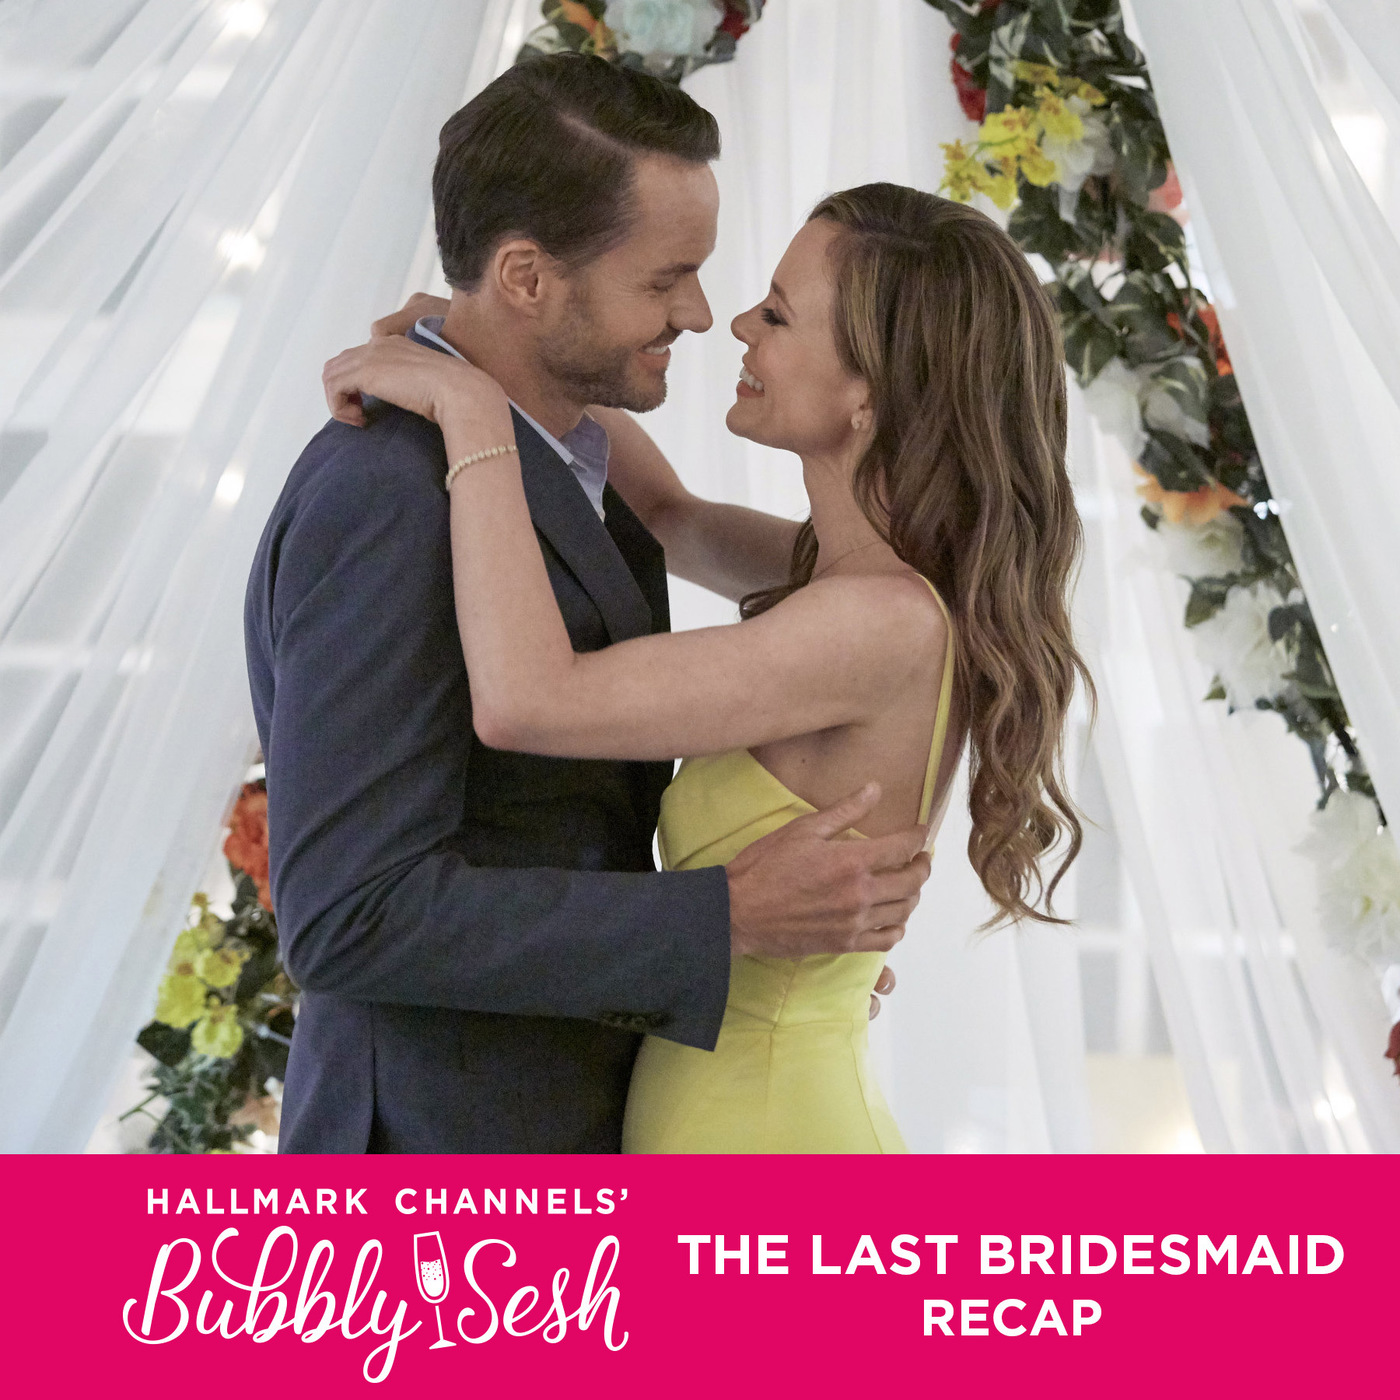 The Last Bridesmaid Recap